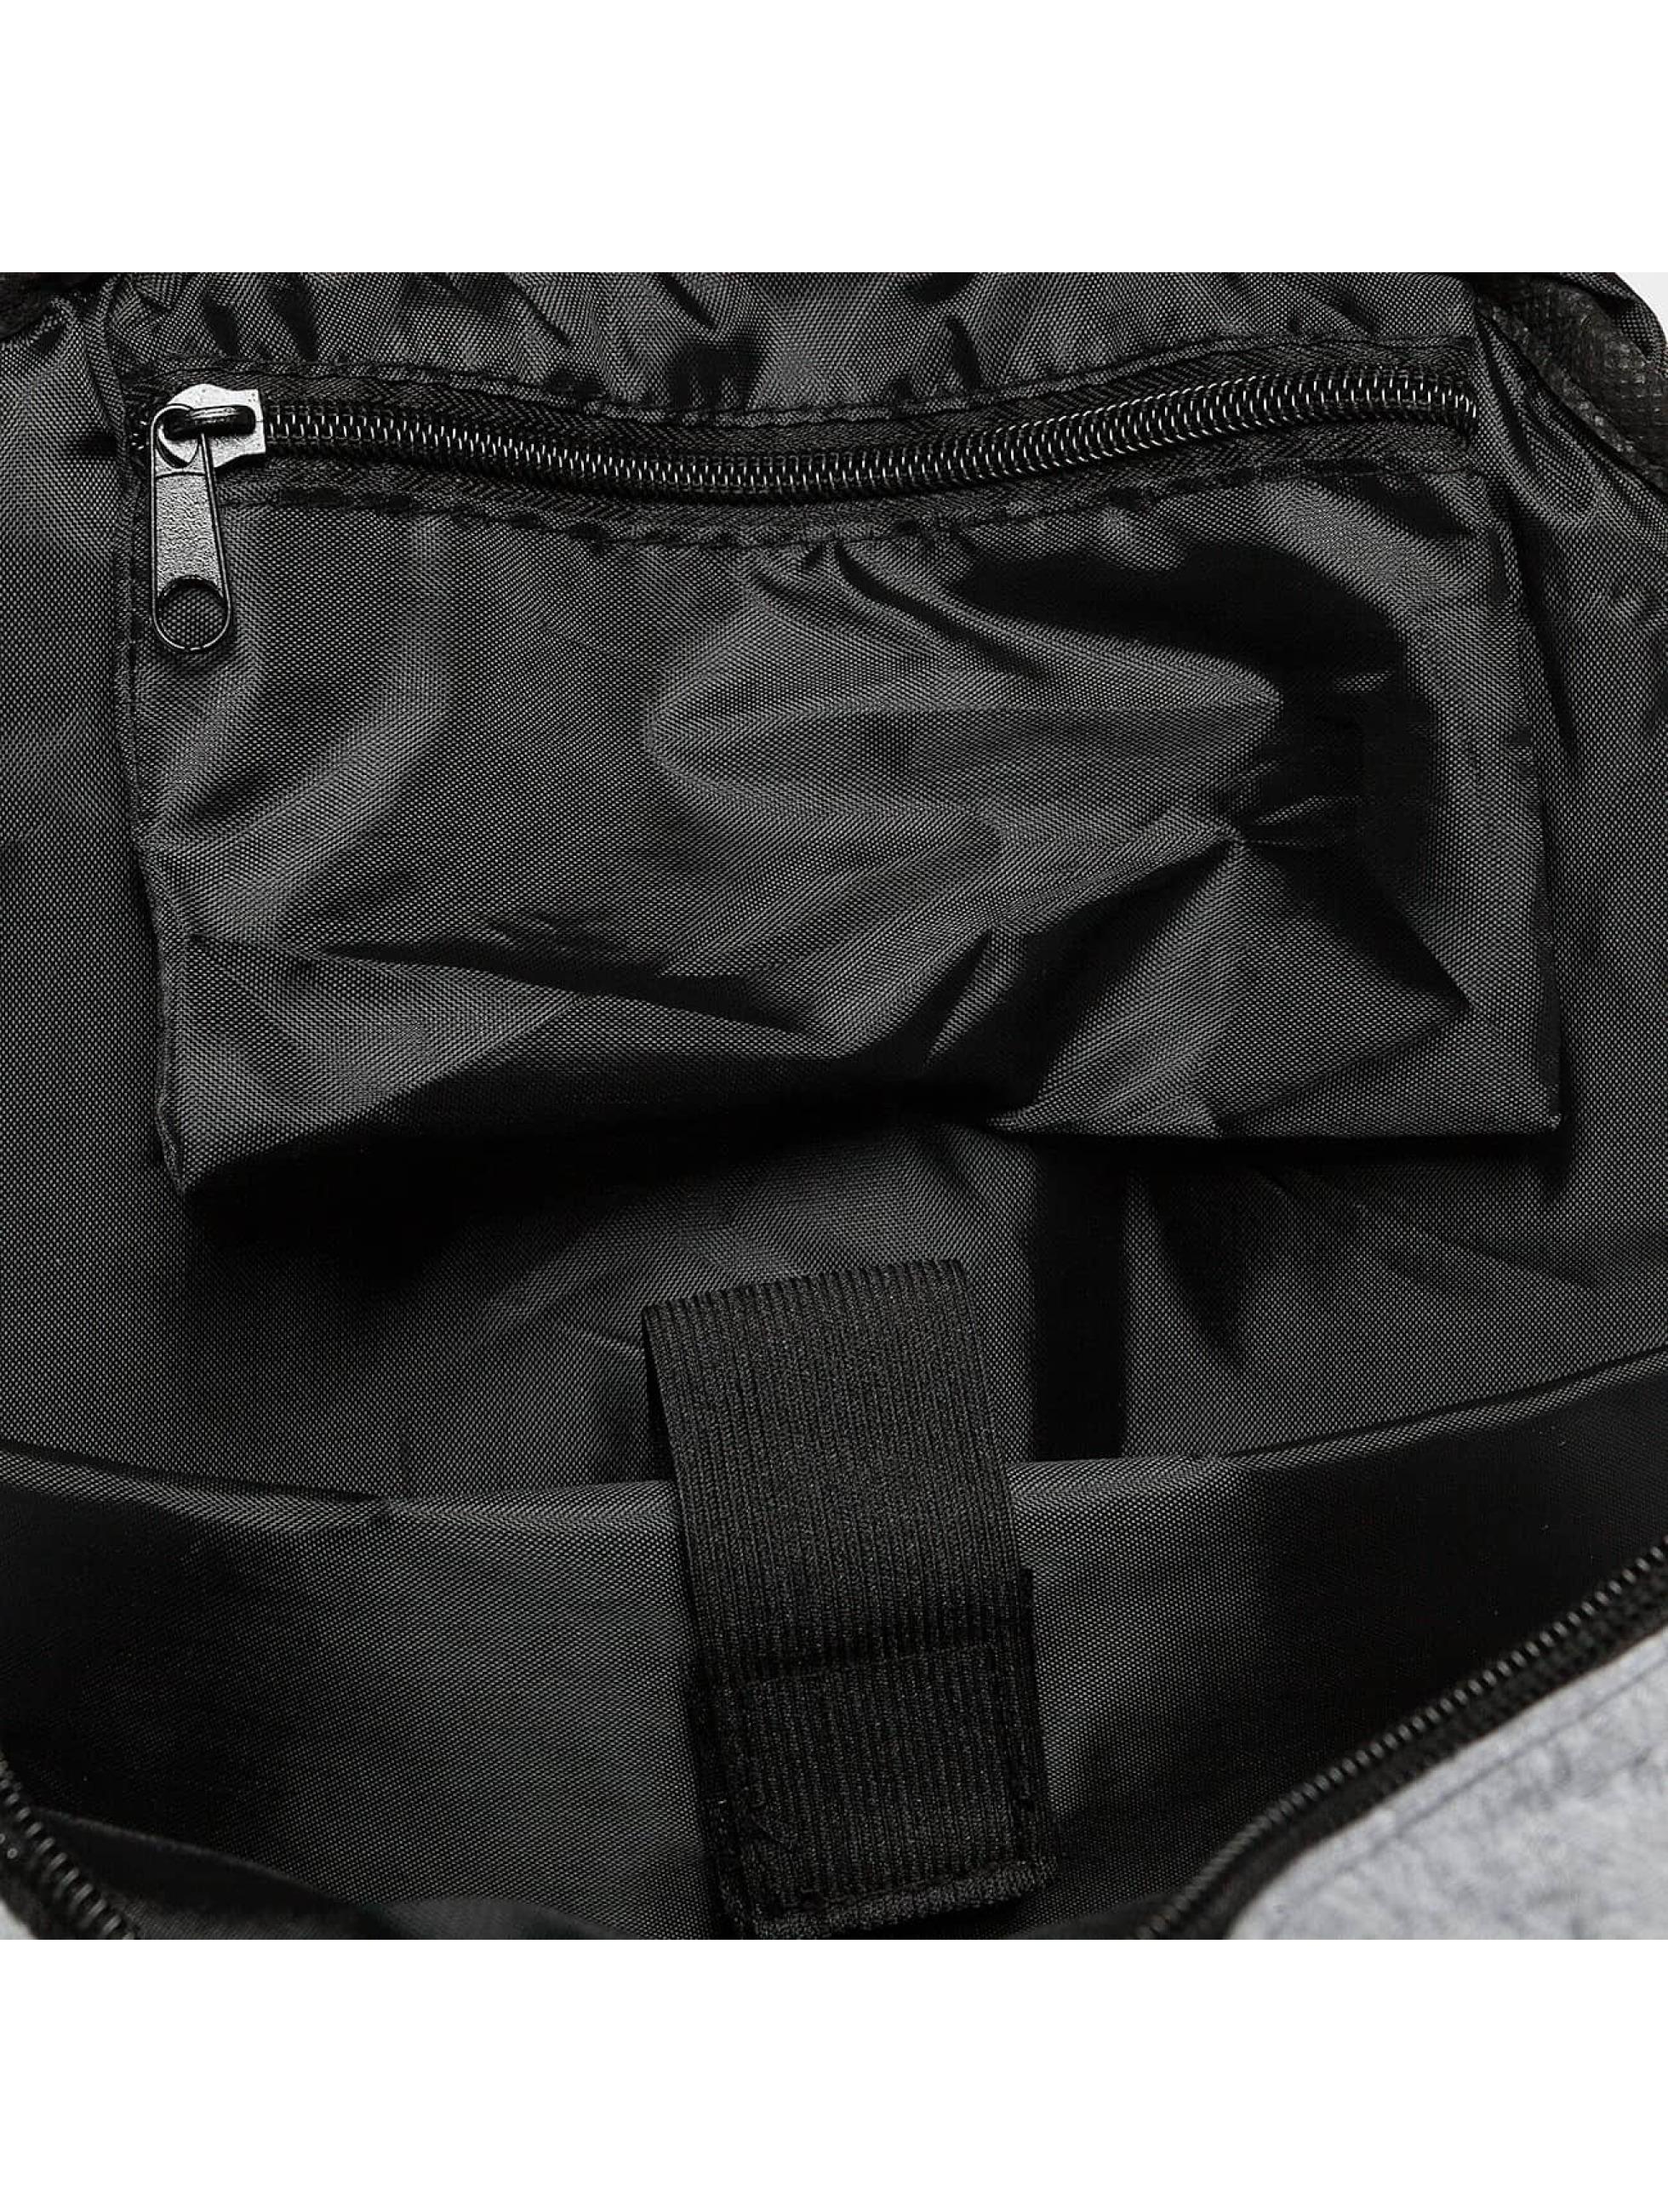 Forever Collectibles Backpack NFL Denver Broncos grey